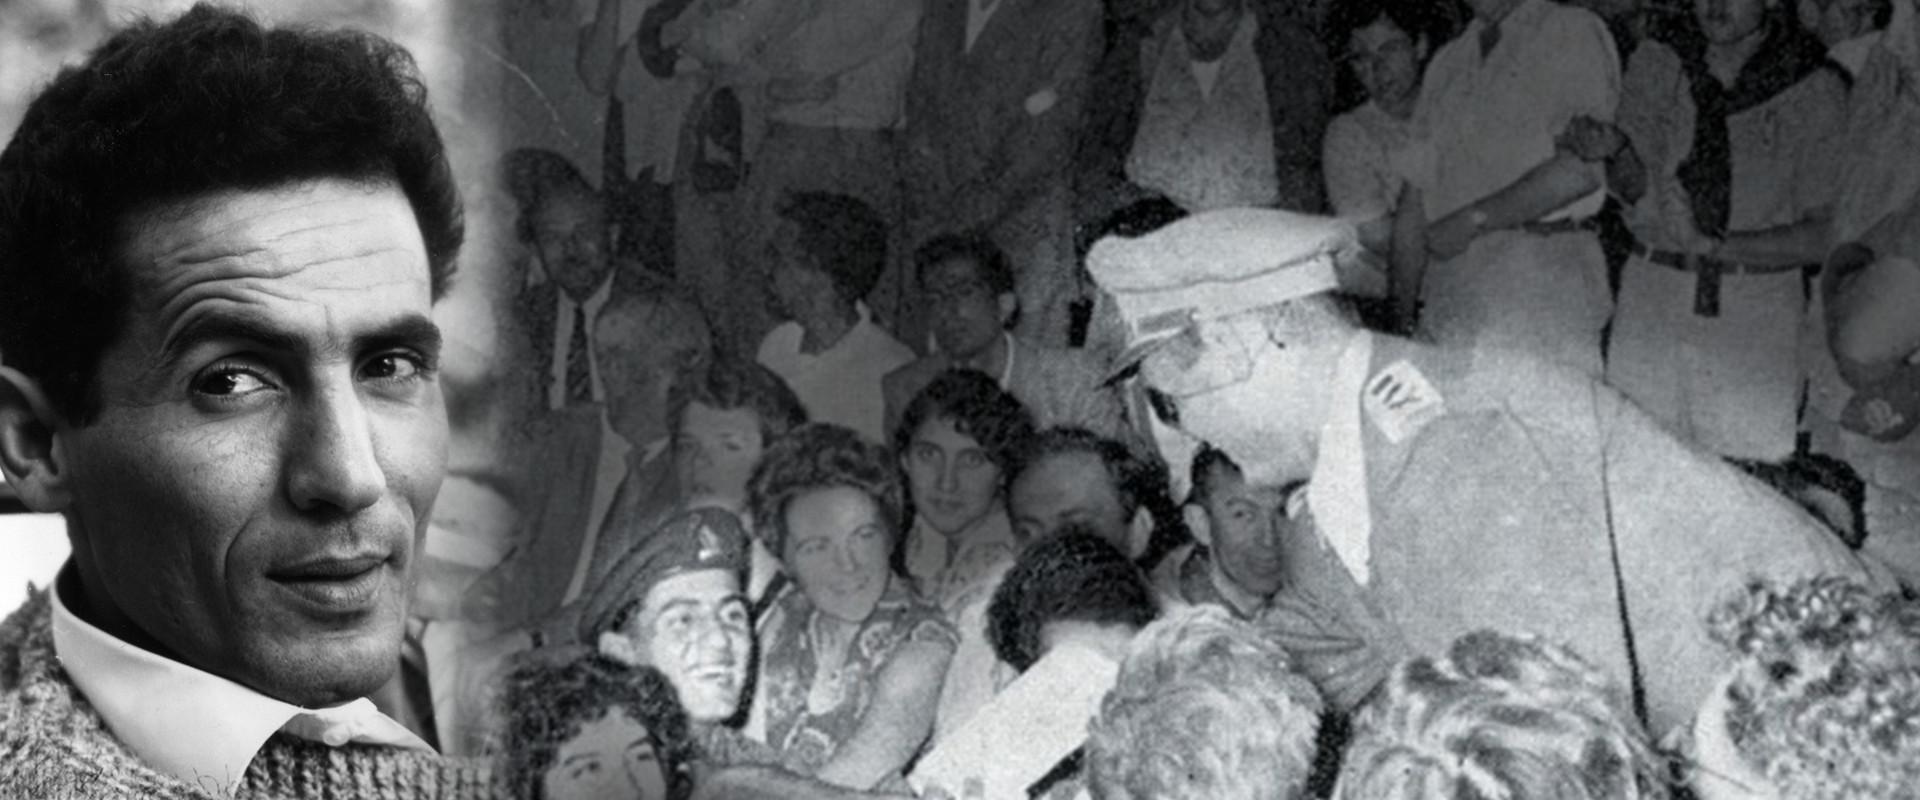 יצחק ג'יבלי עם משה דיין (צילום: עיתון במחנה, מתוך